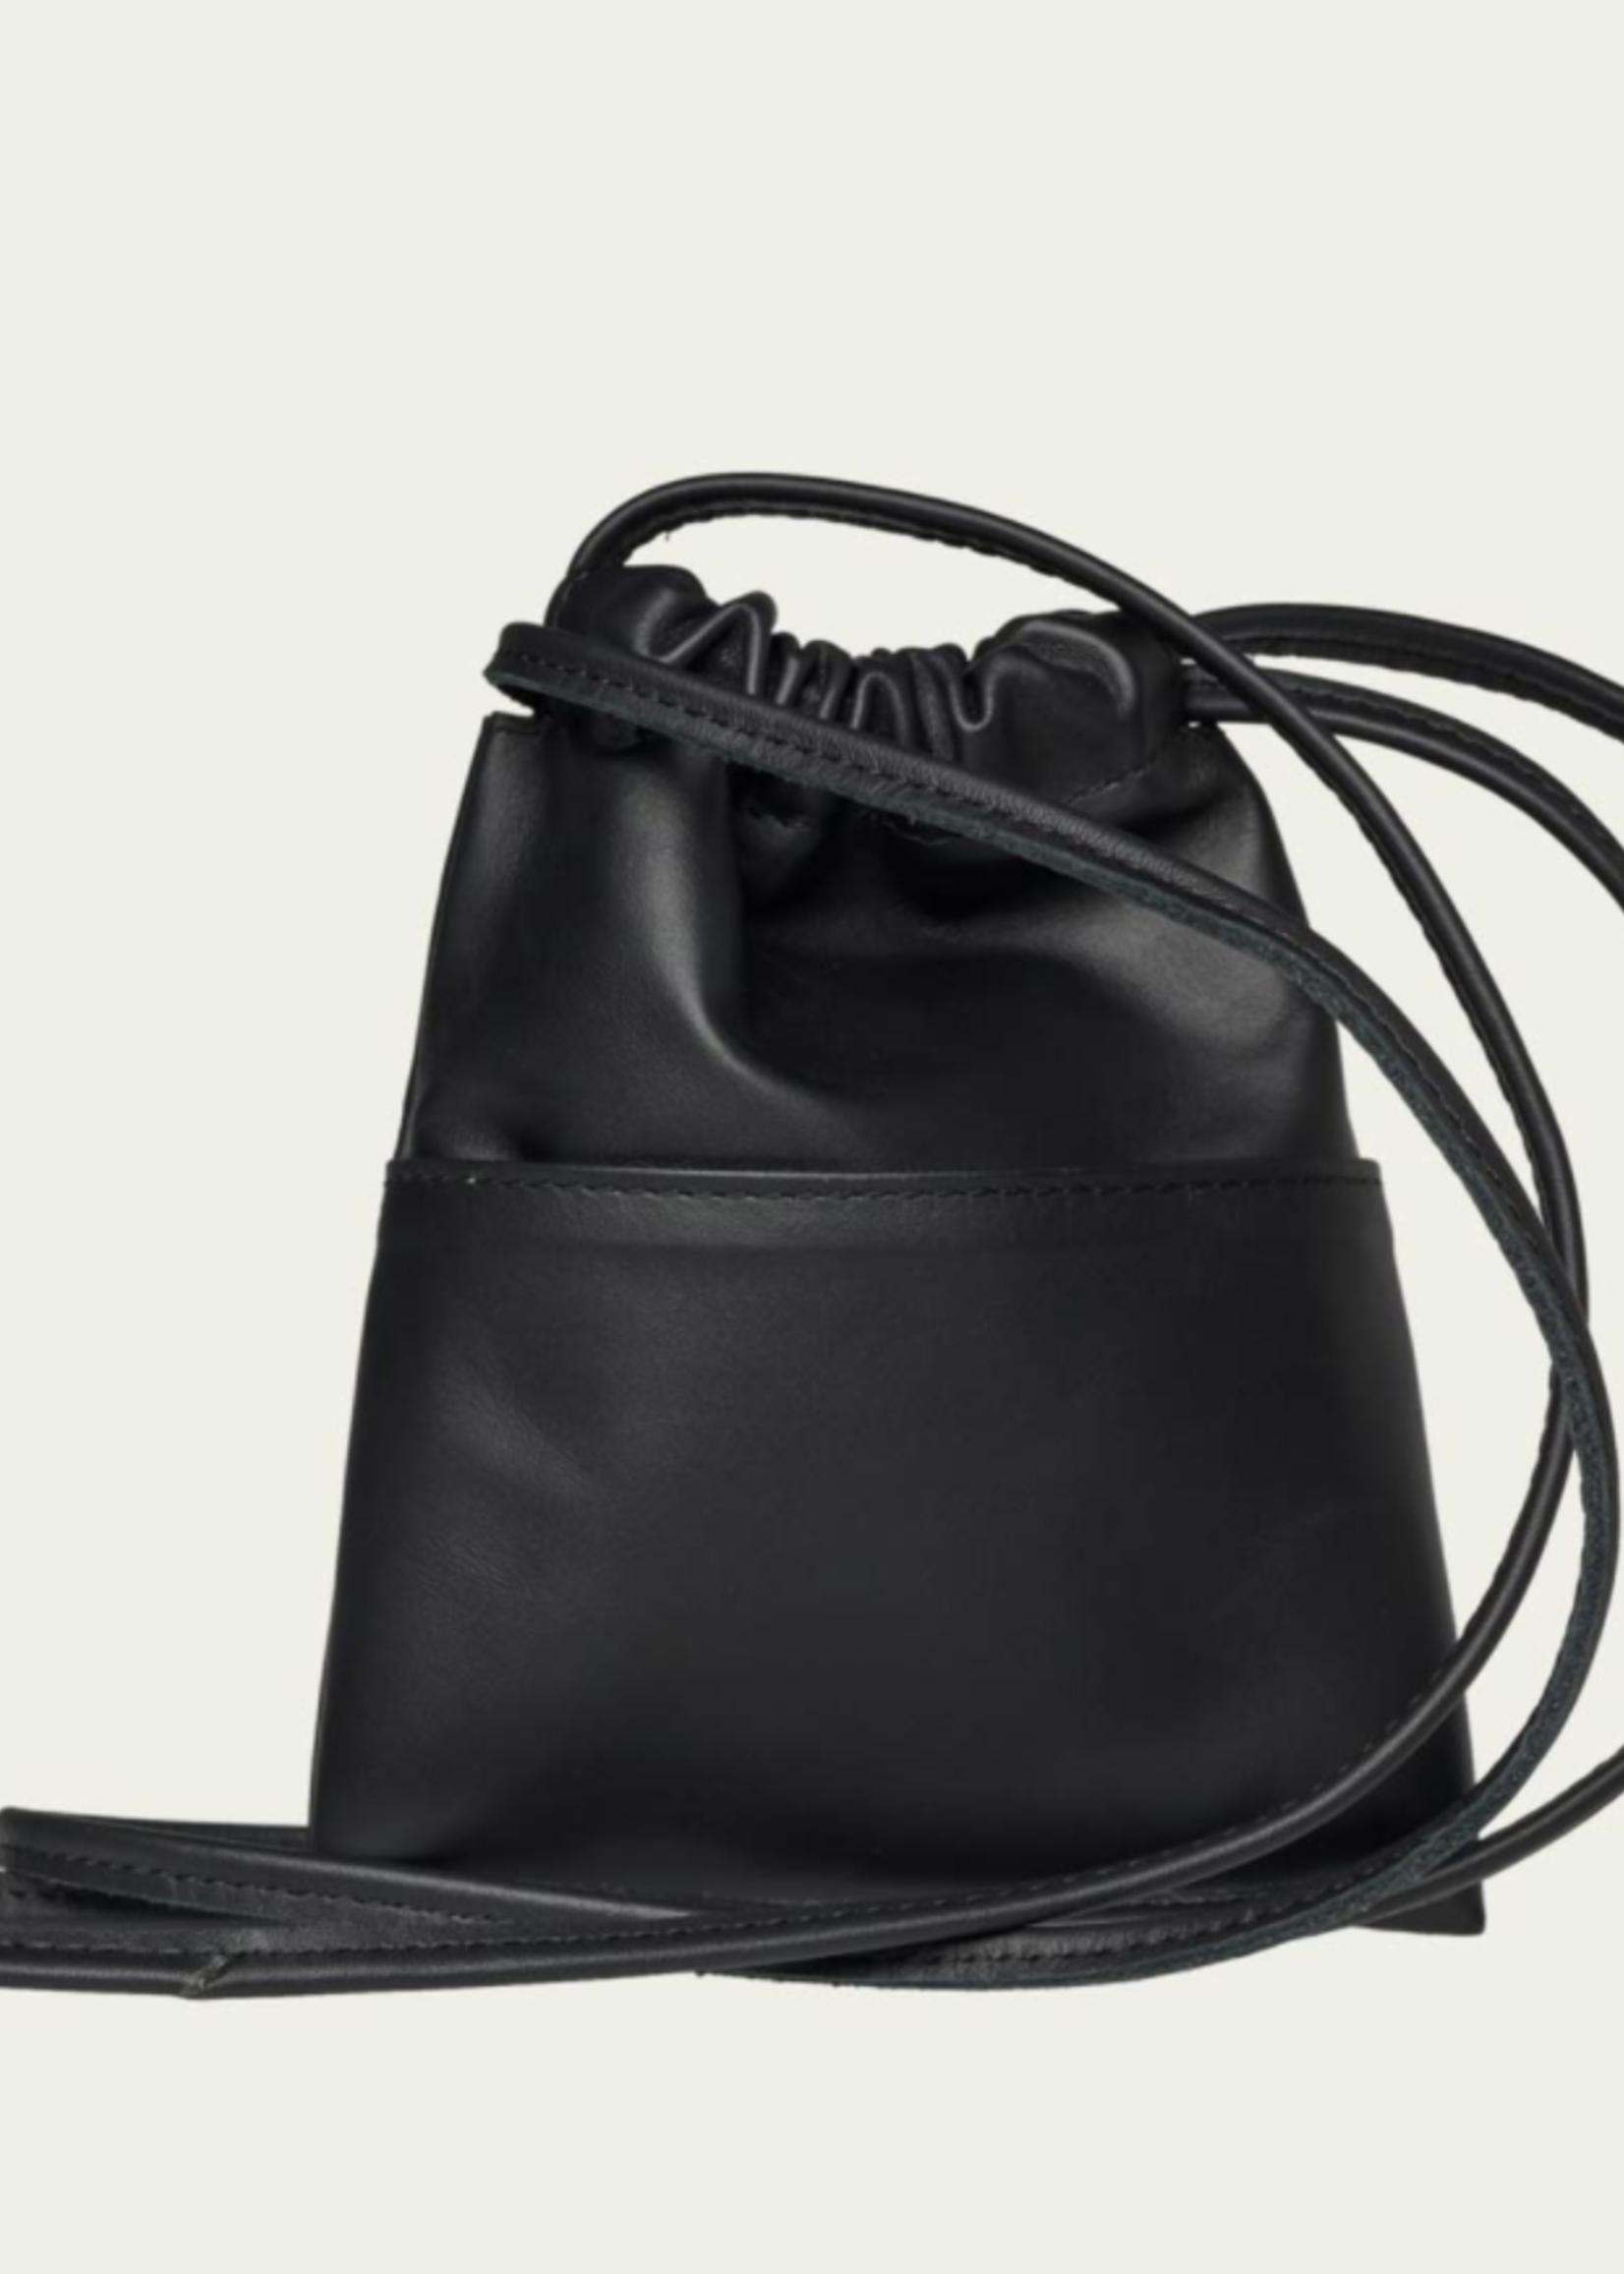 rikastudios rikastudios petit leather bag black